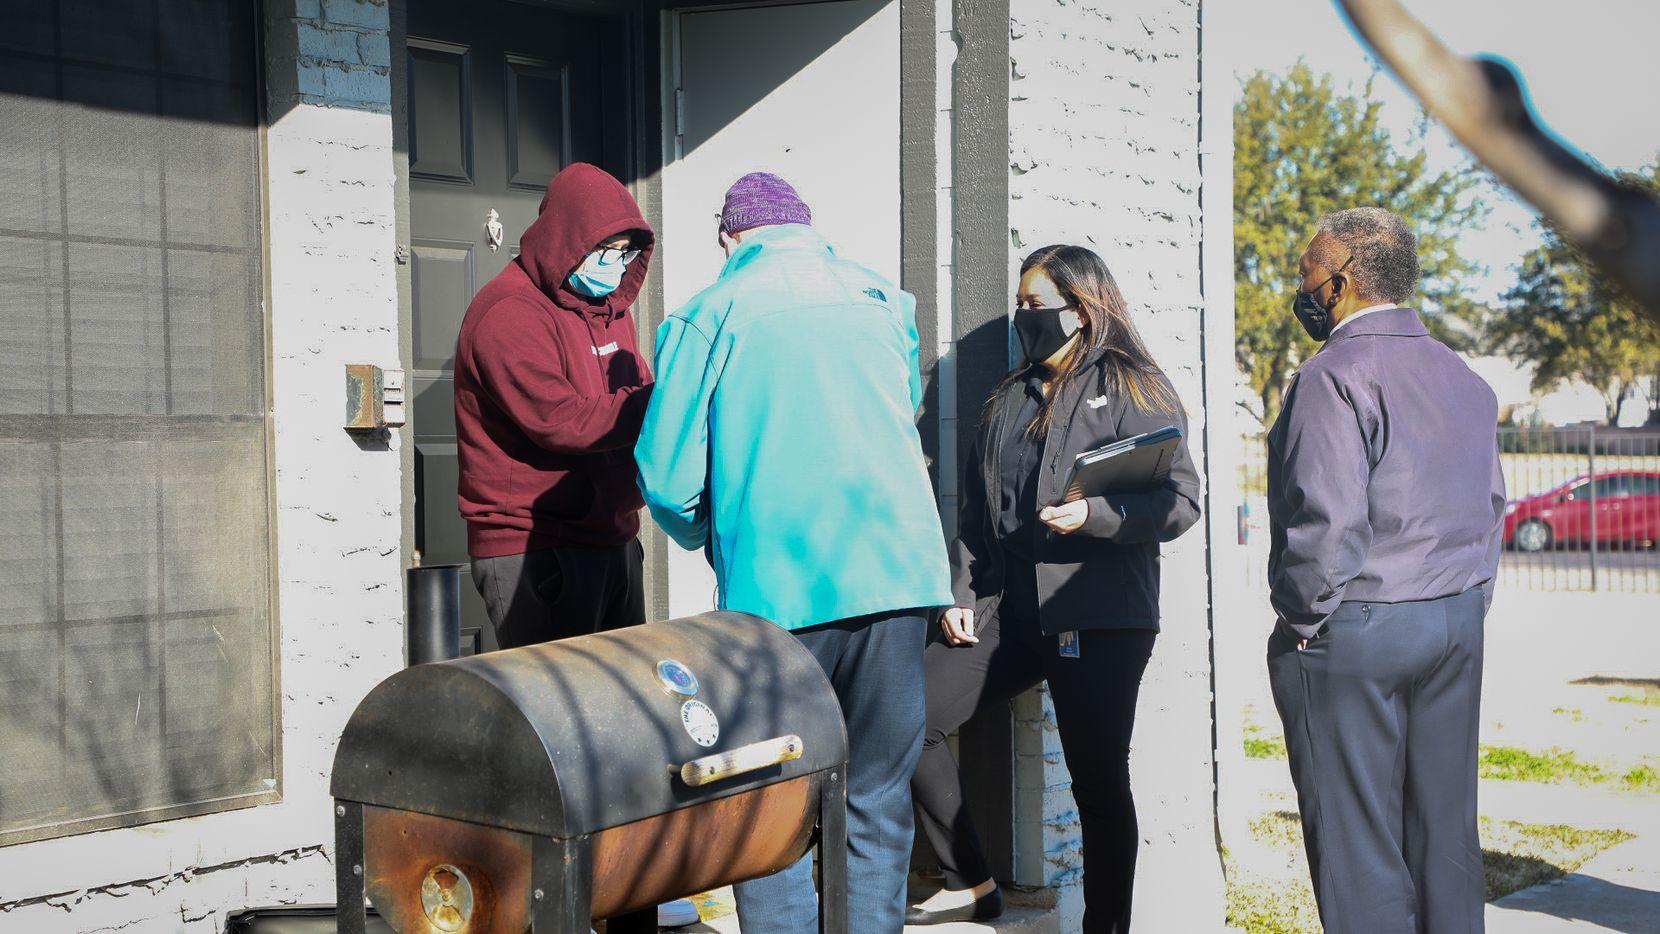 Personal del Irving ISD (Desde la izq.) Michael Crotty, Norma Jiménez y Ken Jenkins entregan cupones a un estudiante que ha mejorado su asistencia a clases. El ausentismo escolar se incrementado de manera dramática en el Norte de Texas debido a la pandemia.